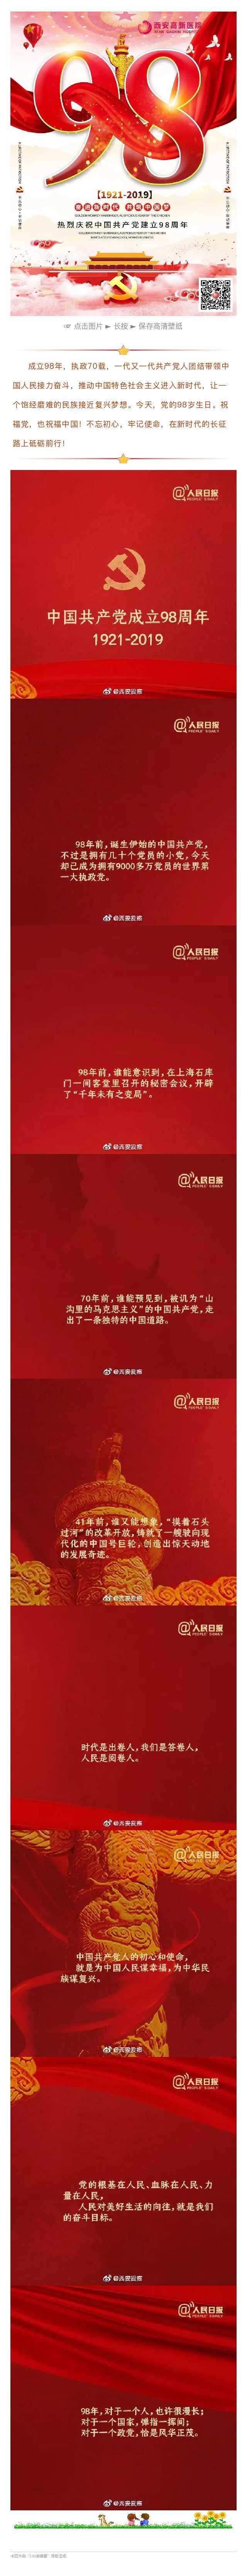 不忘初心、牢记使命丨今天,中国共产党98岁生日,转发祝福.jpg